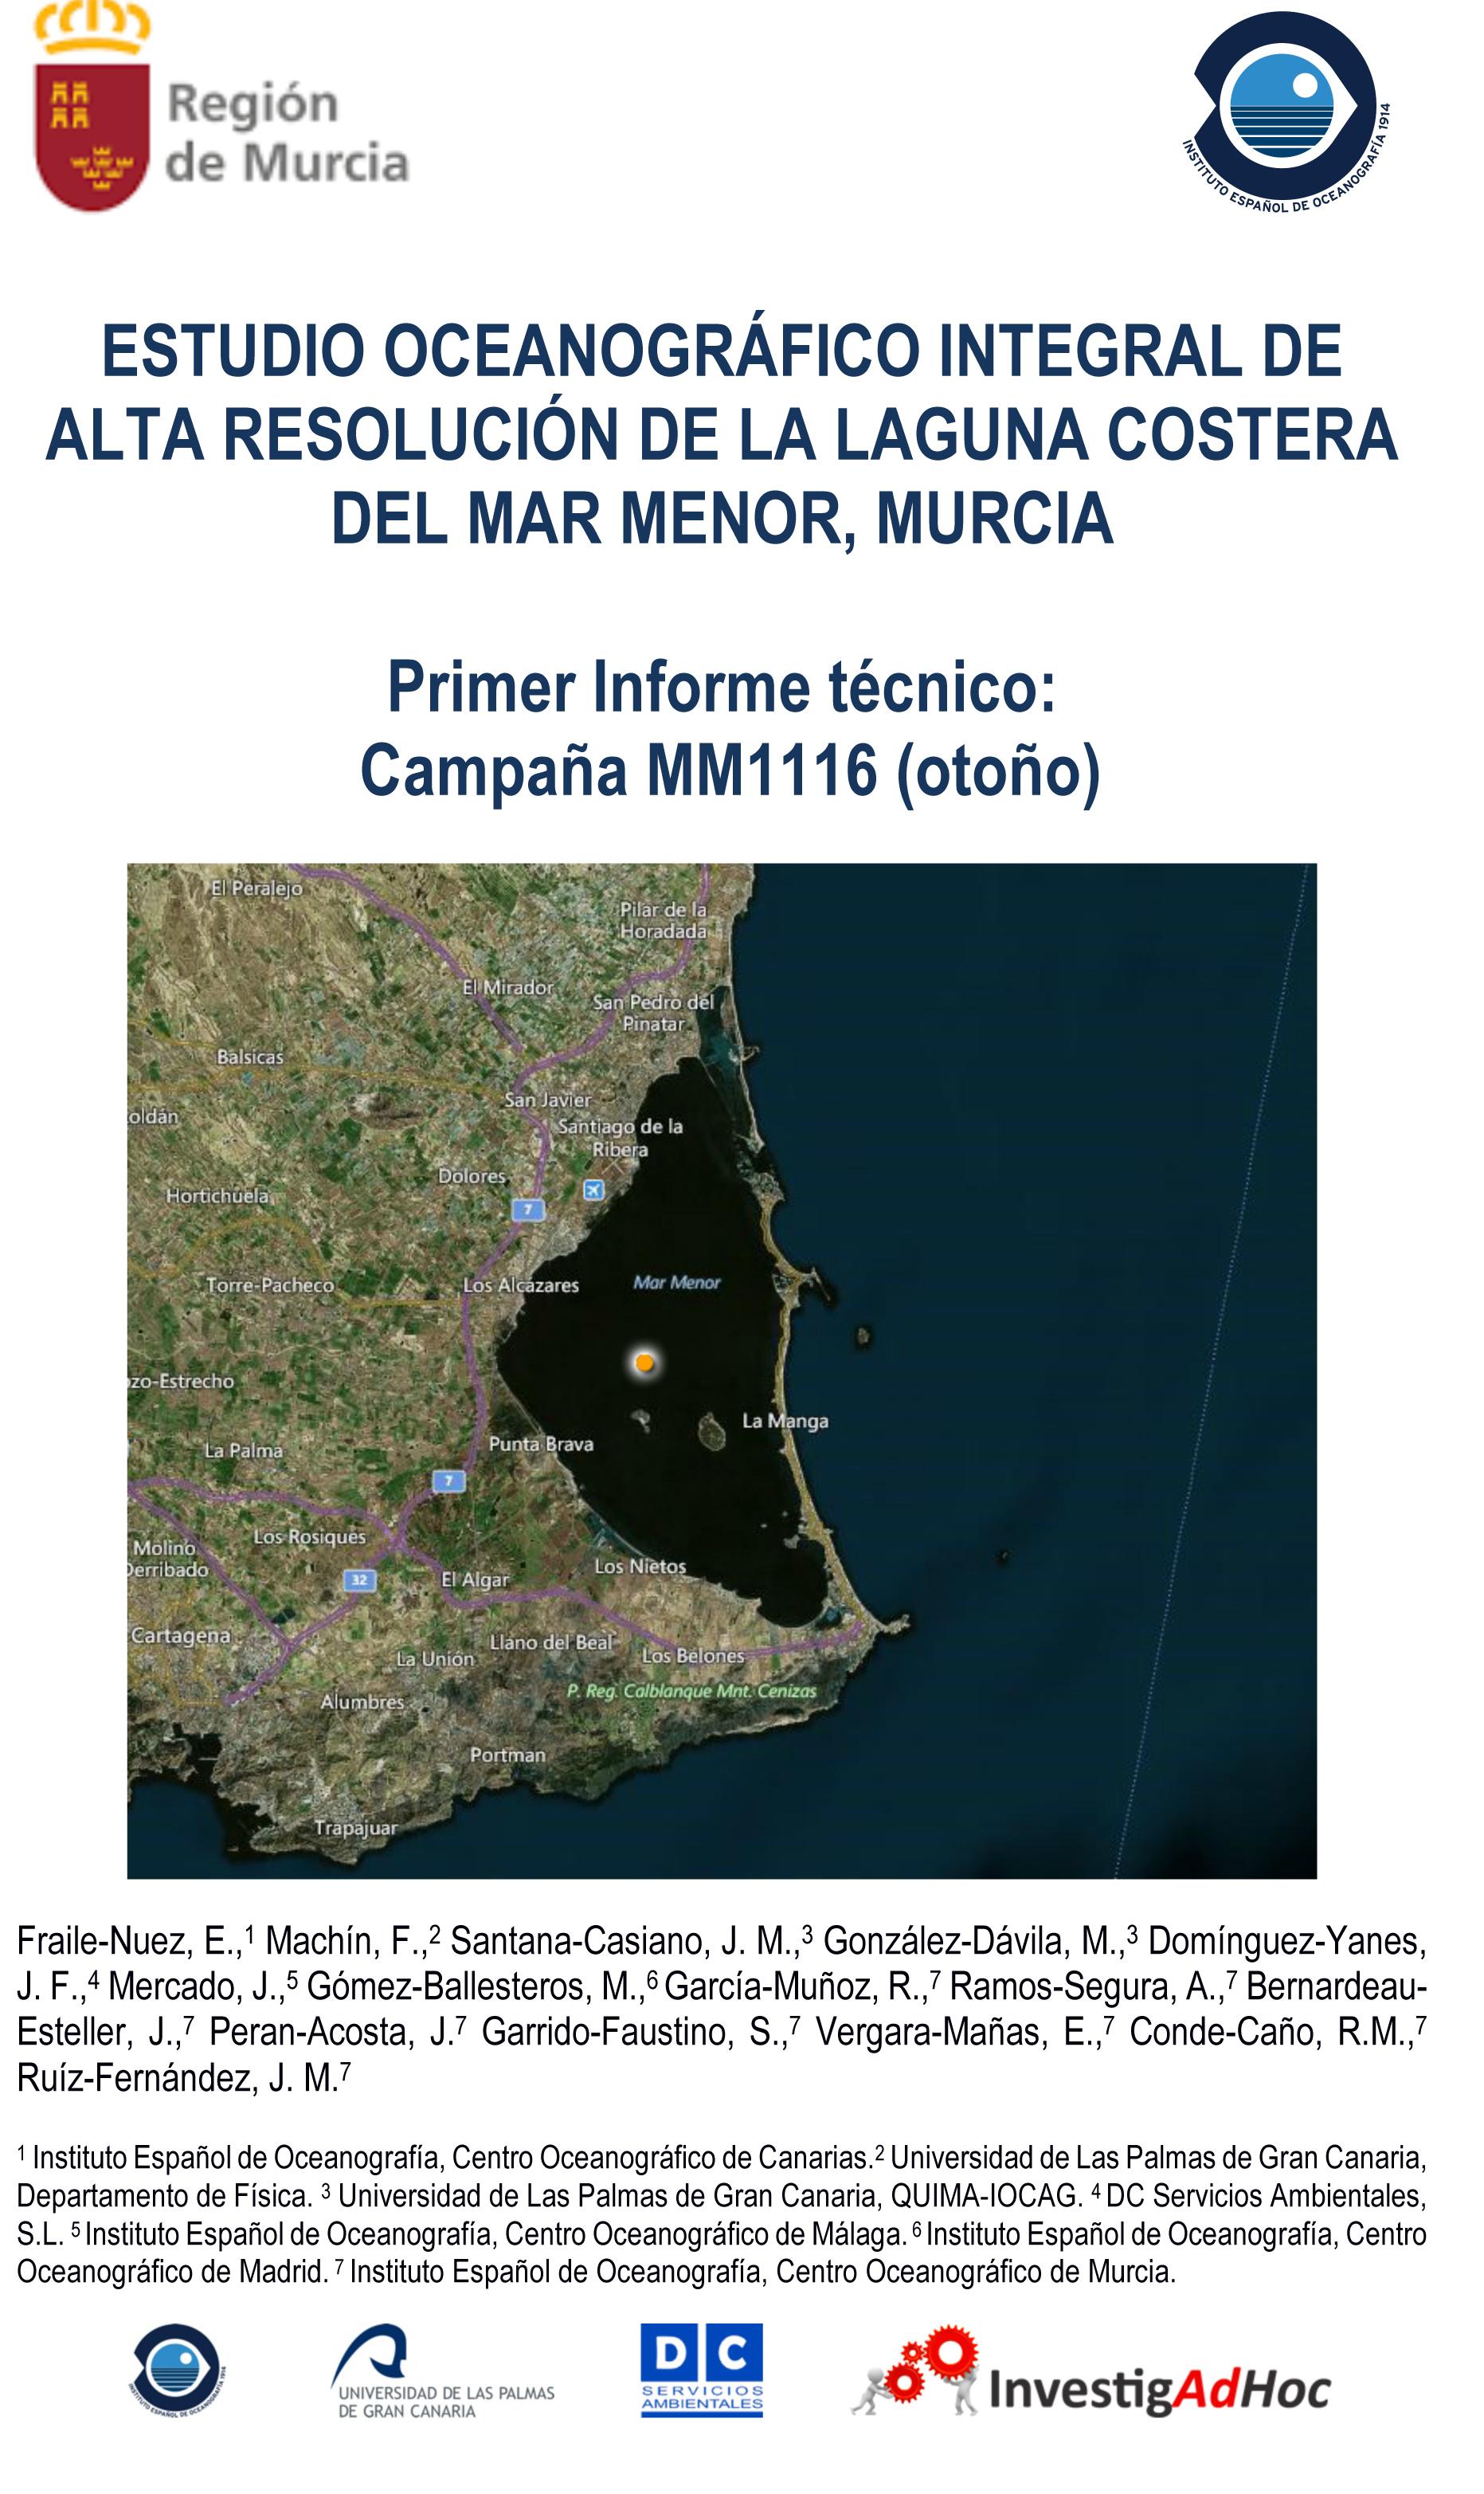 Portada del Estudio Oceanográfico Integral de Alta Resolución de la laguna Costera del Mar Menor